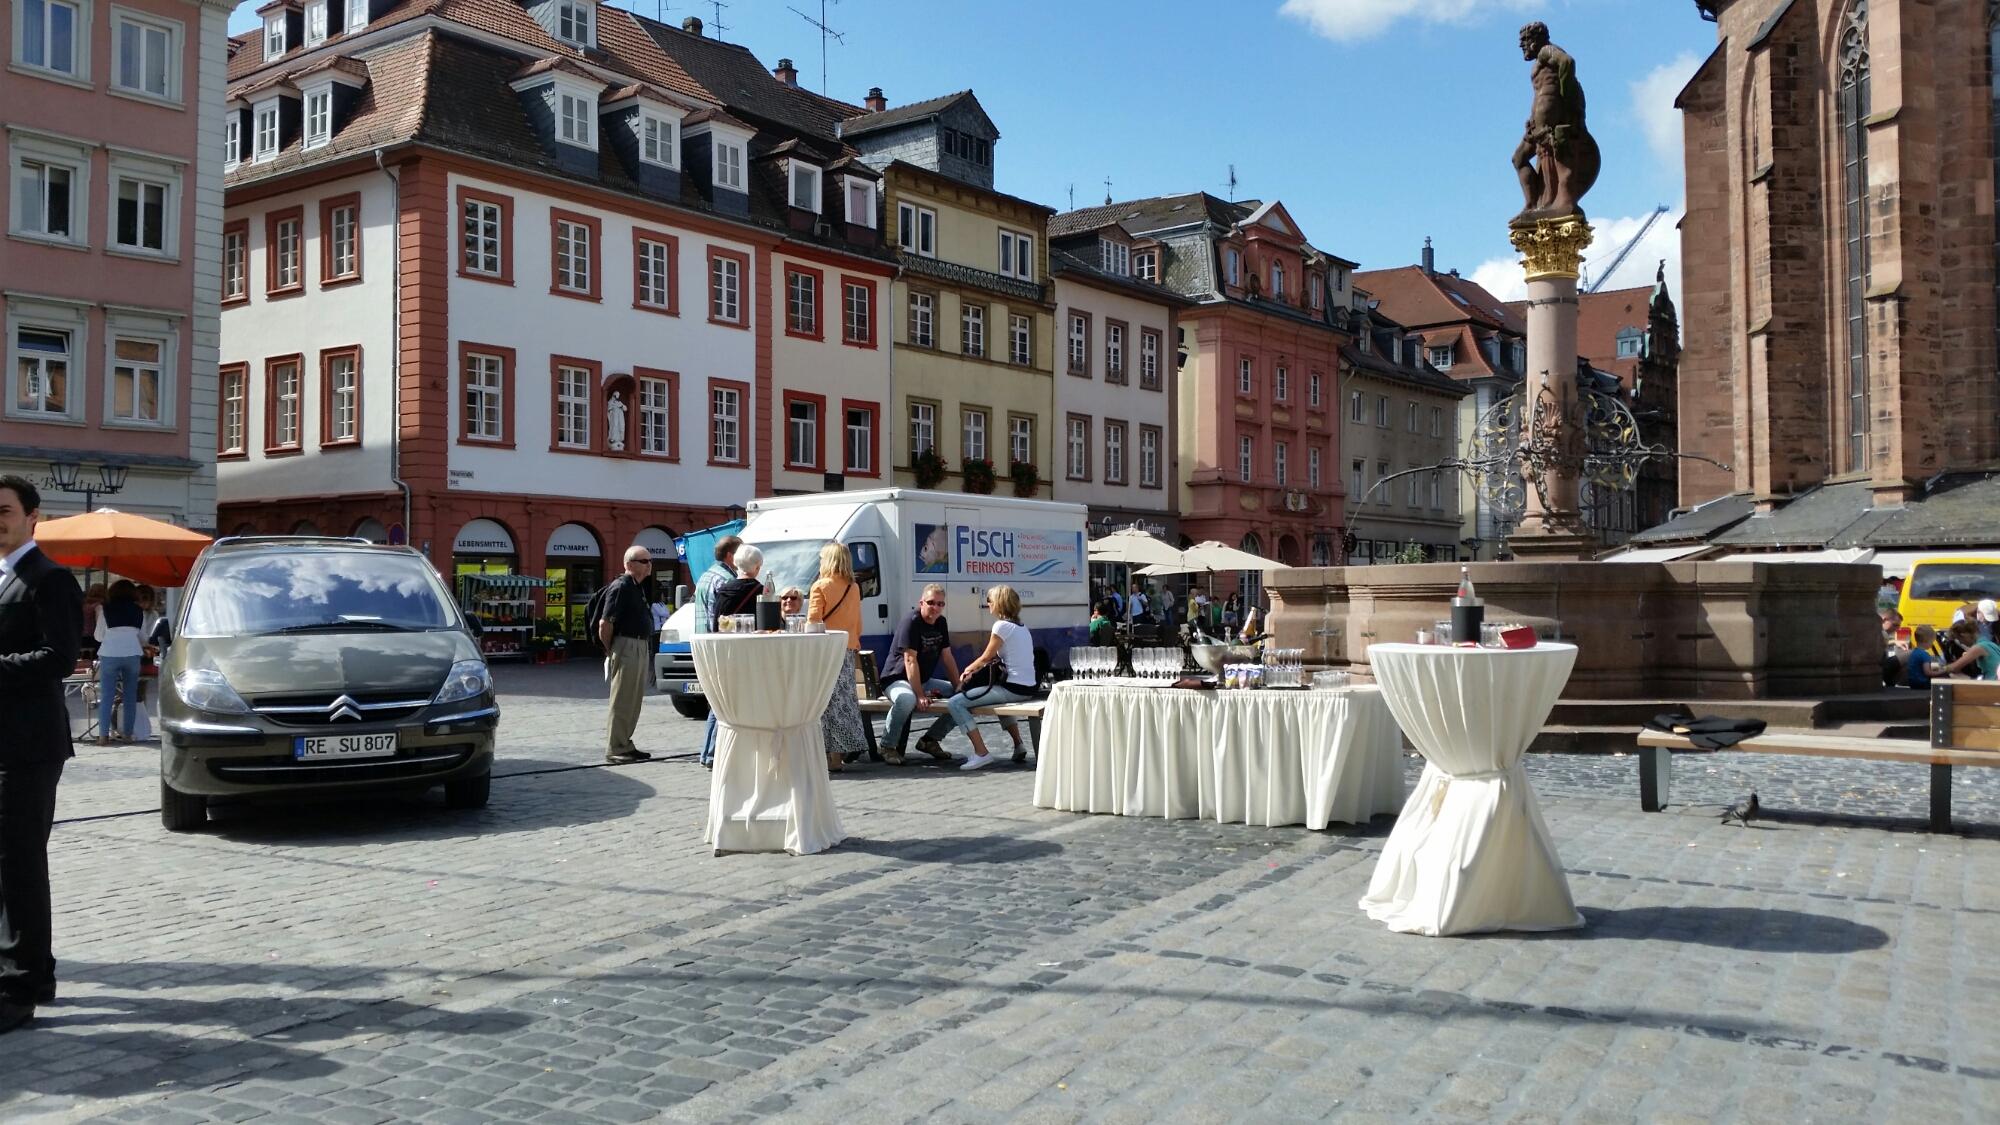 Sektempfang in Heidelberg